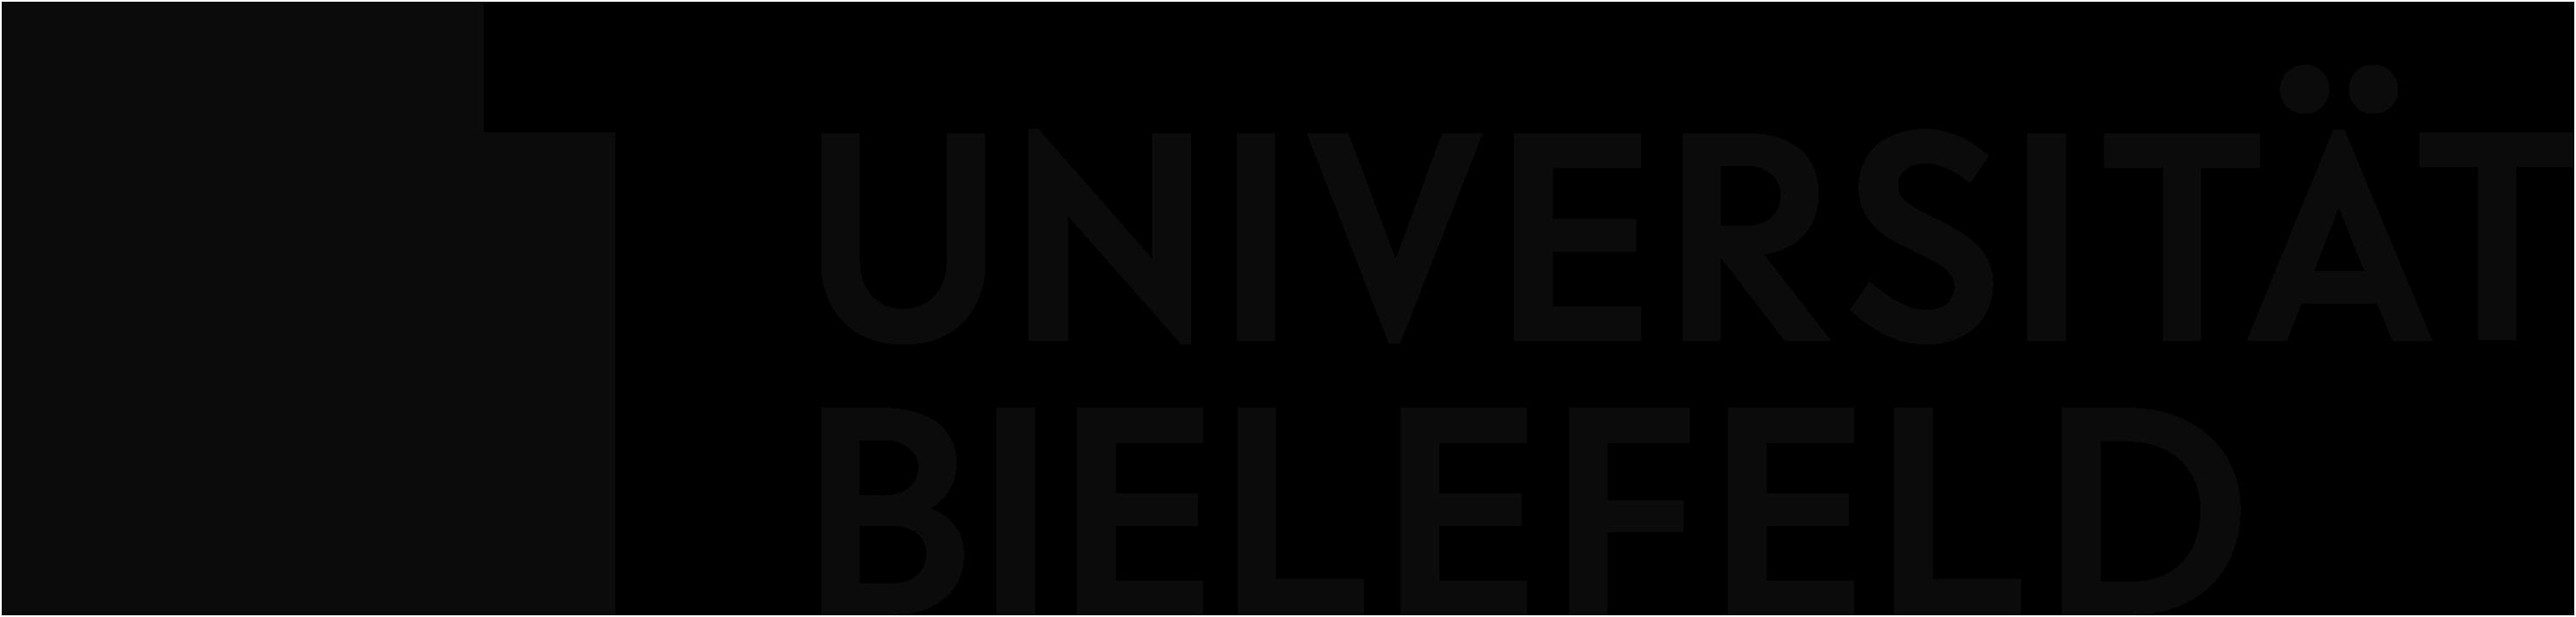 Bewerbung Einschreibung Universitat Bielefeld 6